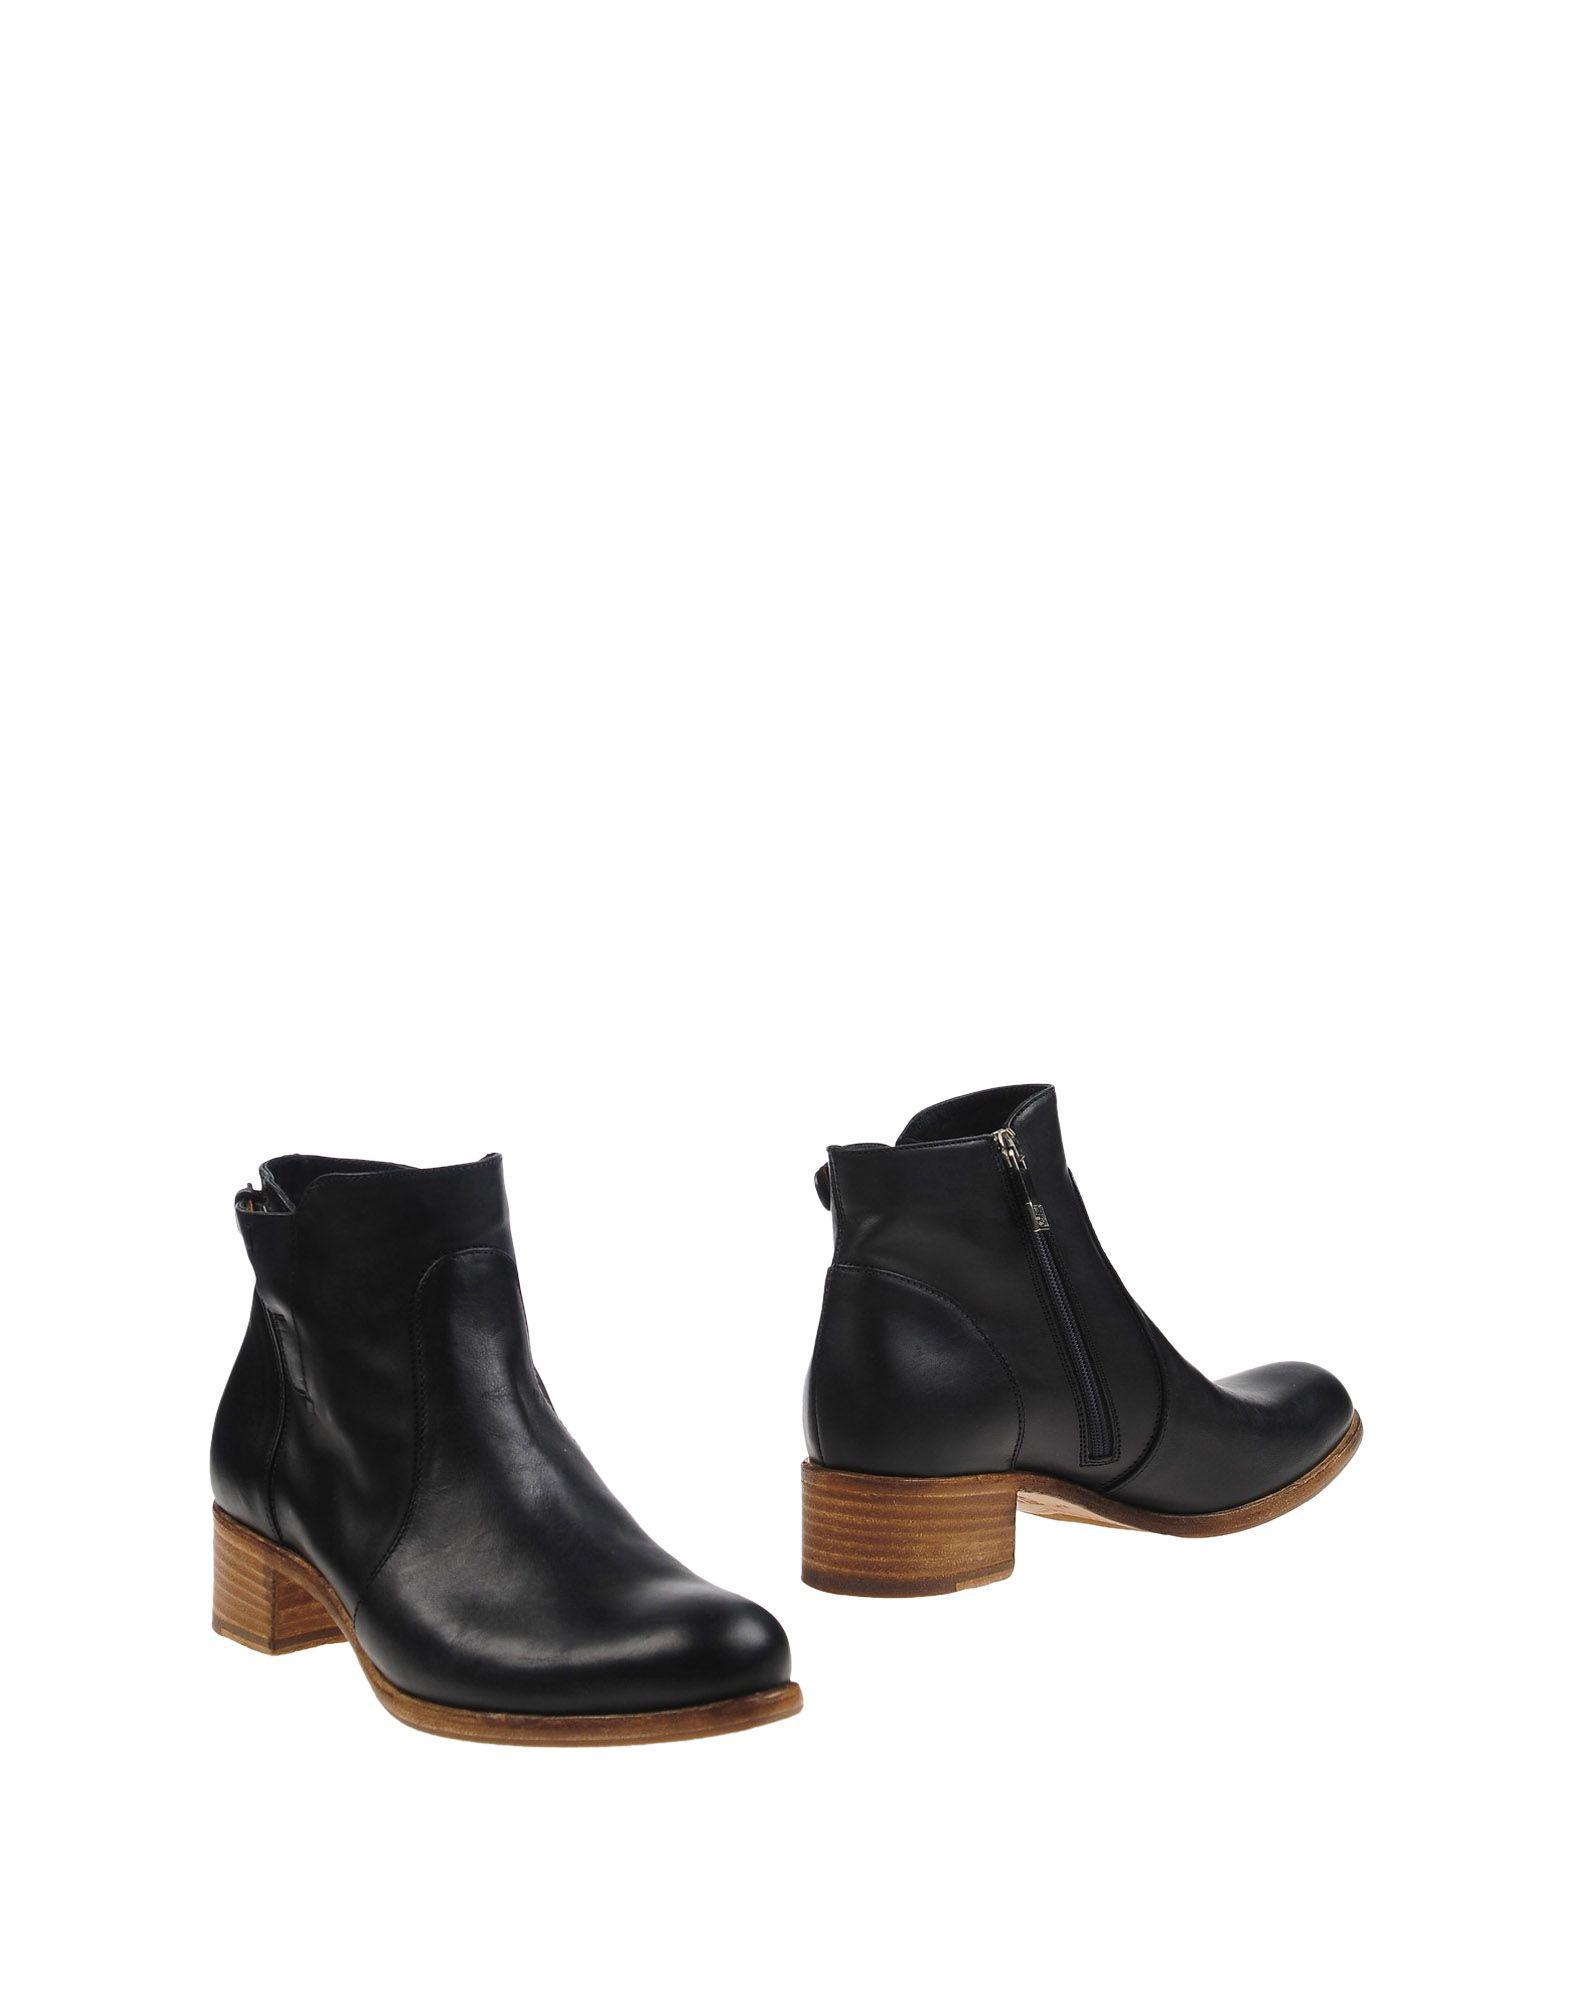 Alberto Fermani Stiefelette Damen  11294502QJ Gute Qualität beliebte Schuhe